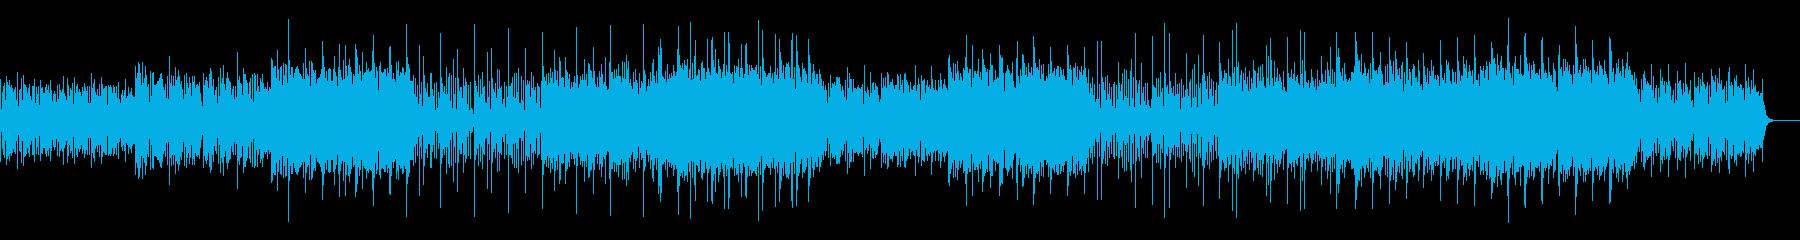 Wabisabiの再生済みの波形